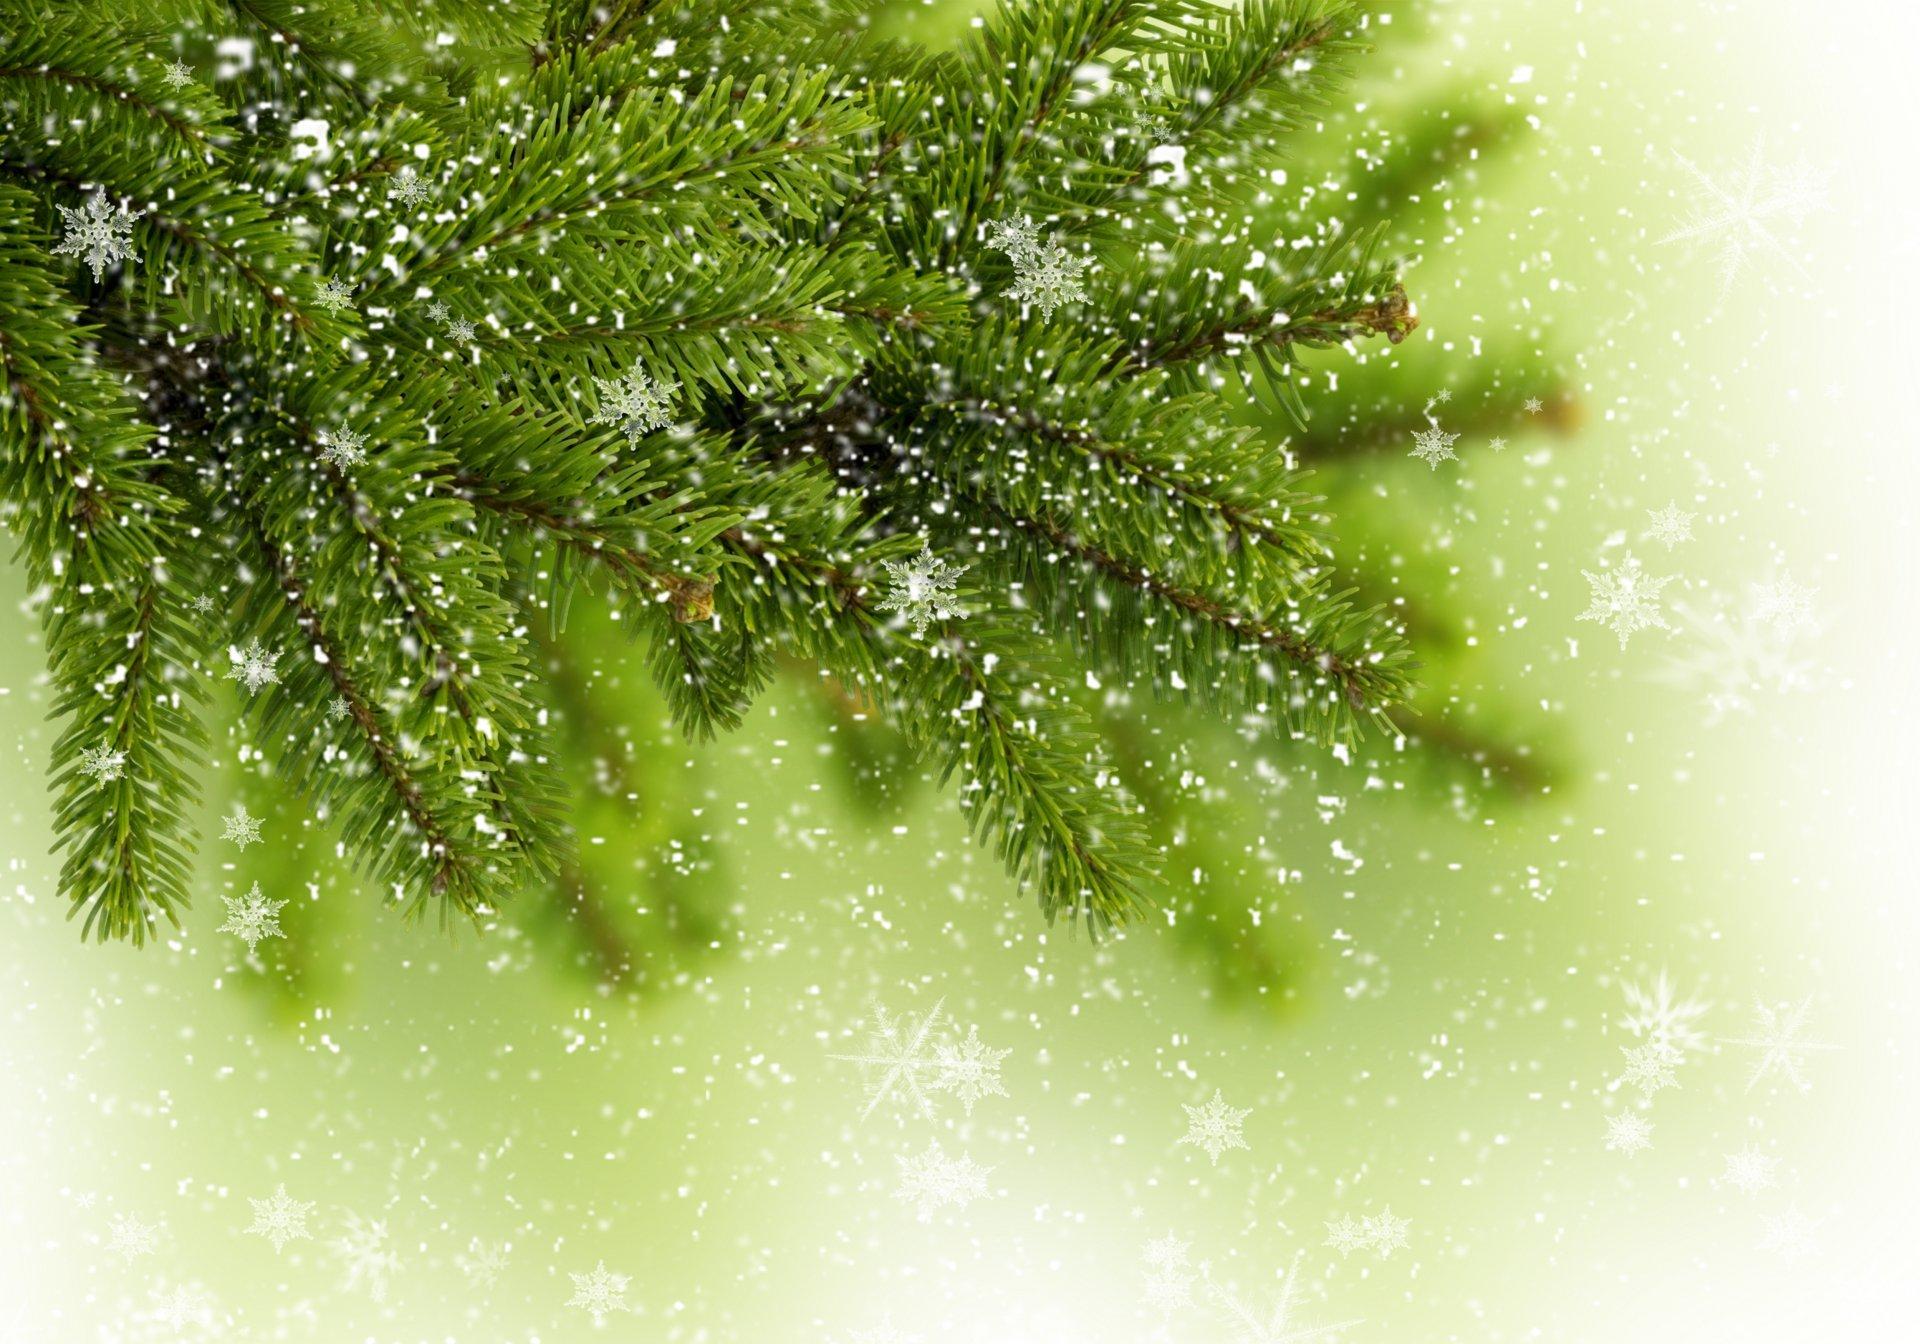 Картинка с еловыми ветками, днем рождения видео